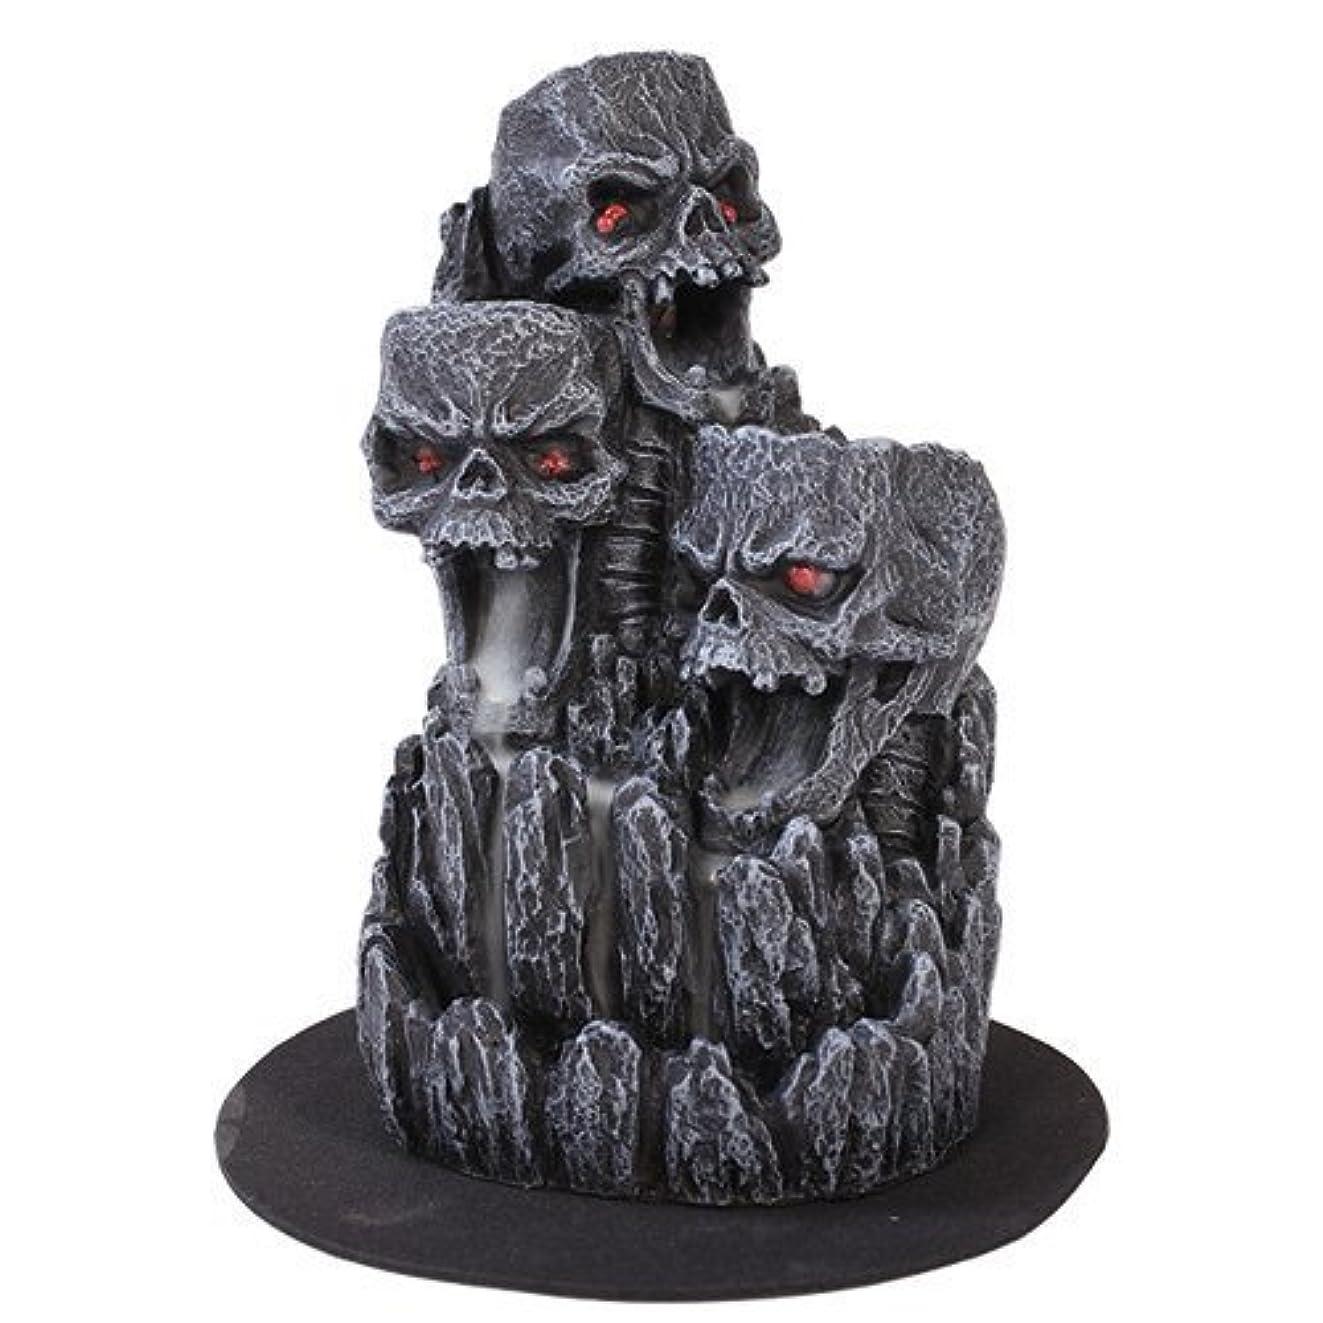 確立共同選択ボックスゴシックスカル(お香立て)マウンテンタワー オブジェ Gothic Skull Backflow Incense Tower